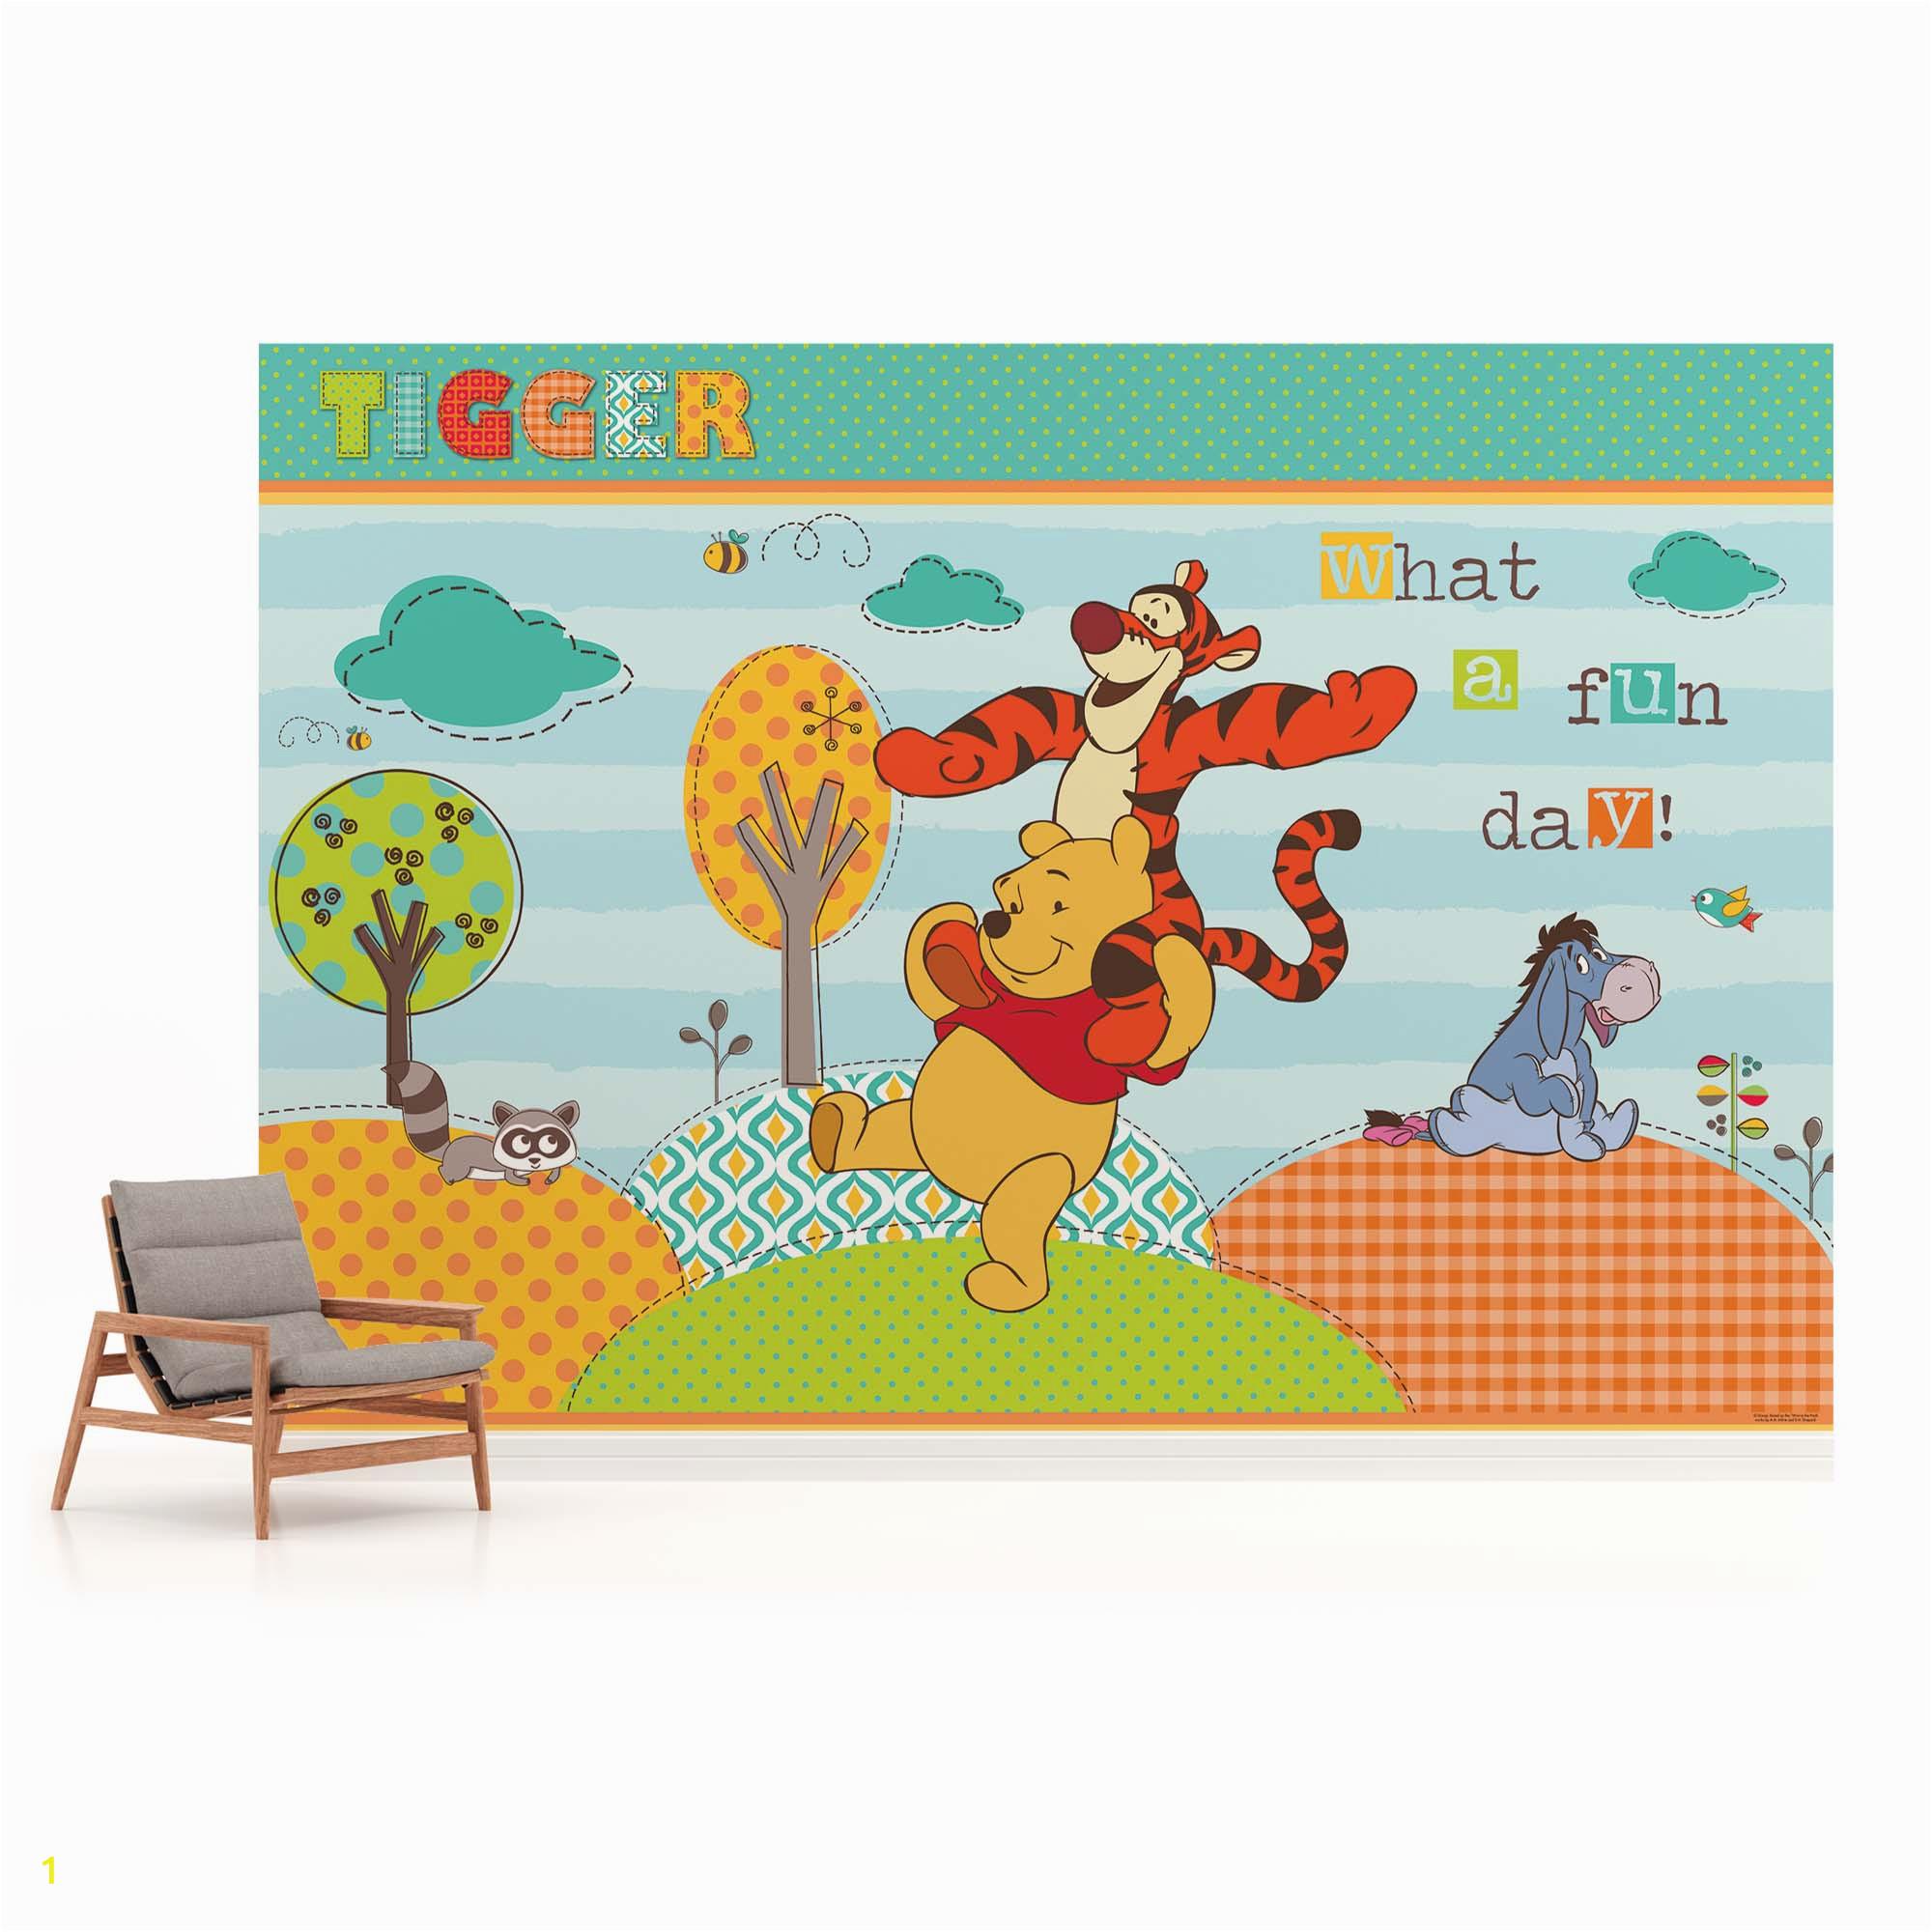 Winnie the Pooh Wall Murals Uk Disney Winnie the Pooh Wallpaper